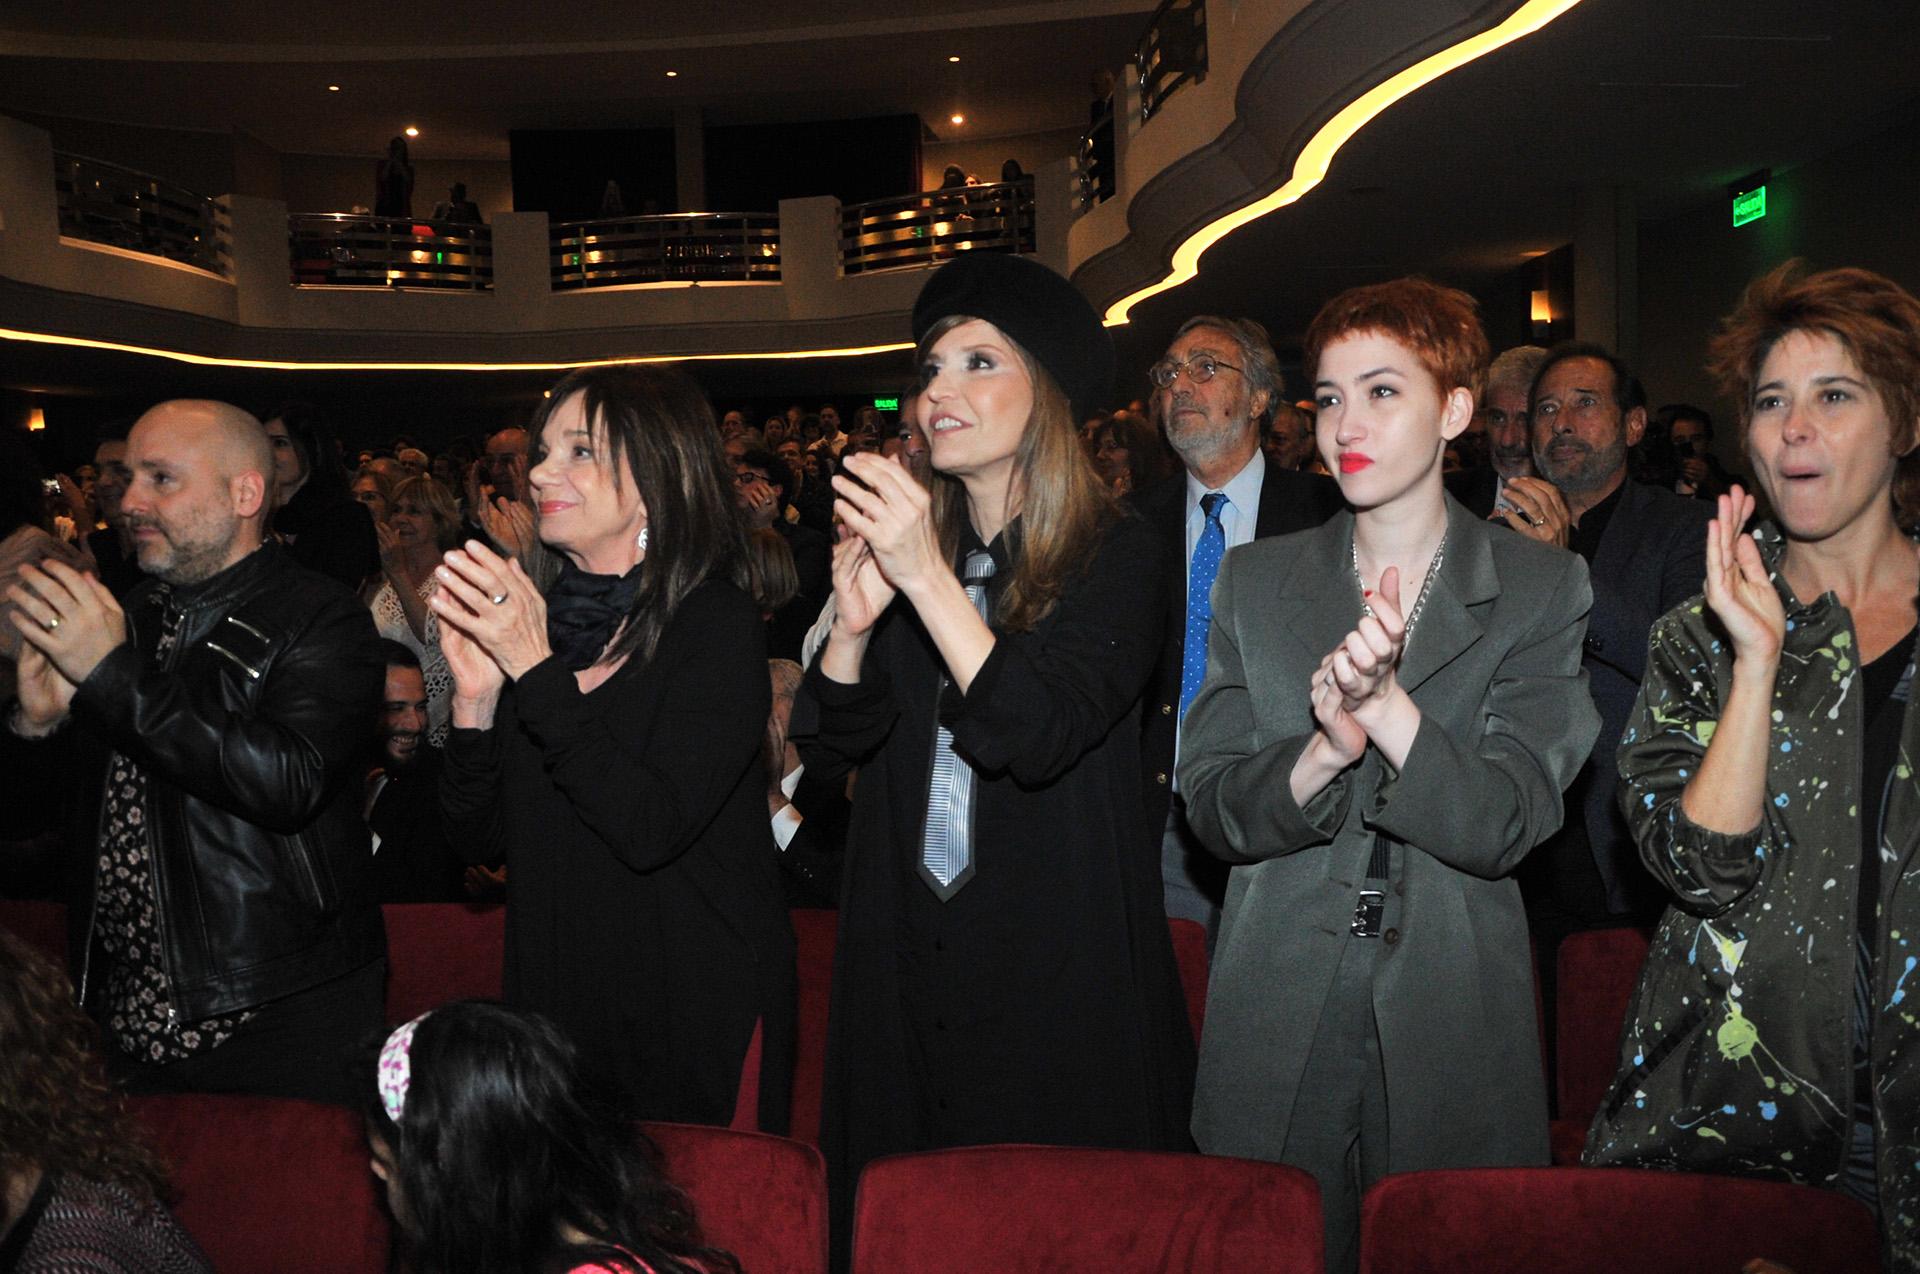 Muscari, Ana María Picchio, Esther Goris, Sofía Gala y Laura Novoa, con Brandoni y Francella detrás